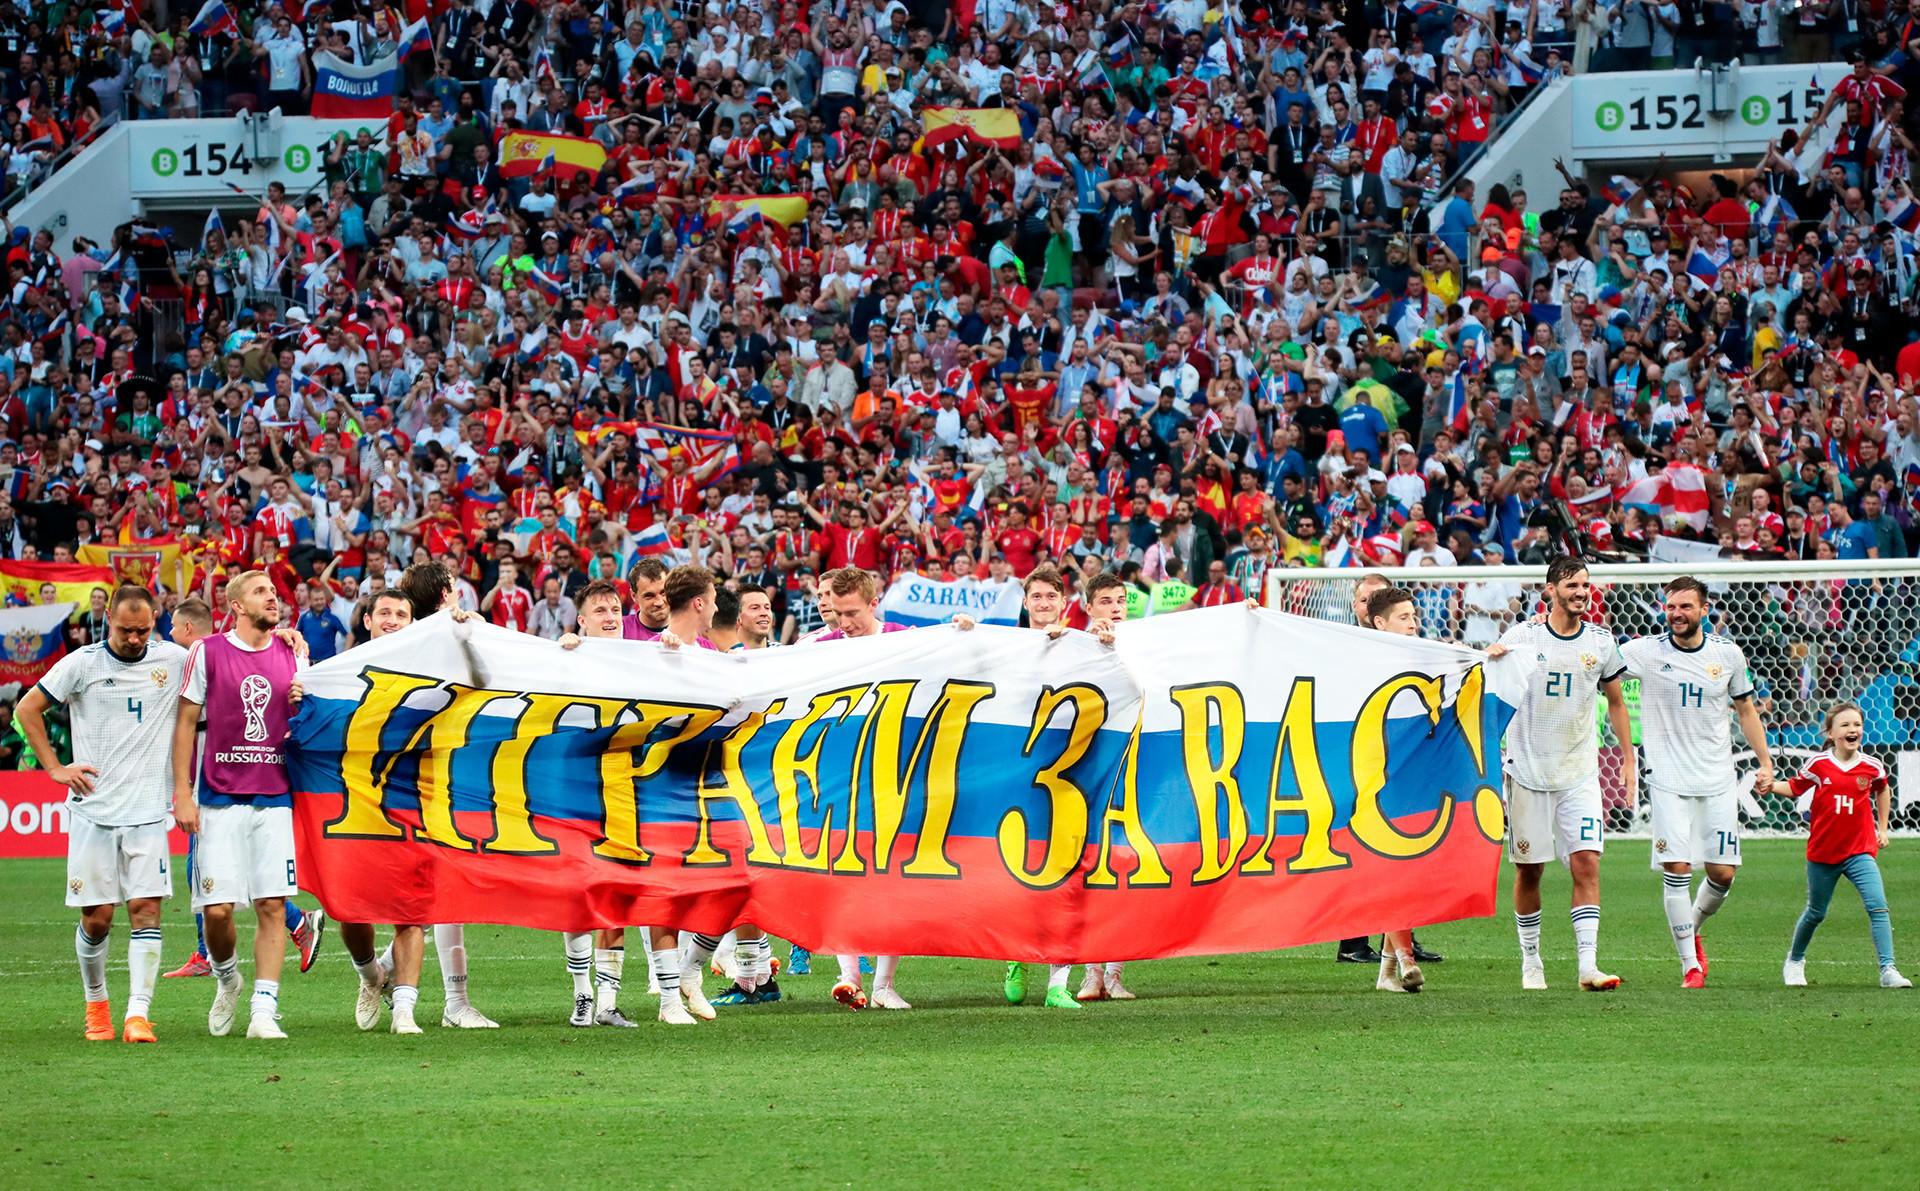 Pemain Tim Rusia membawa spanduk